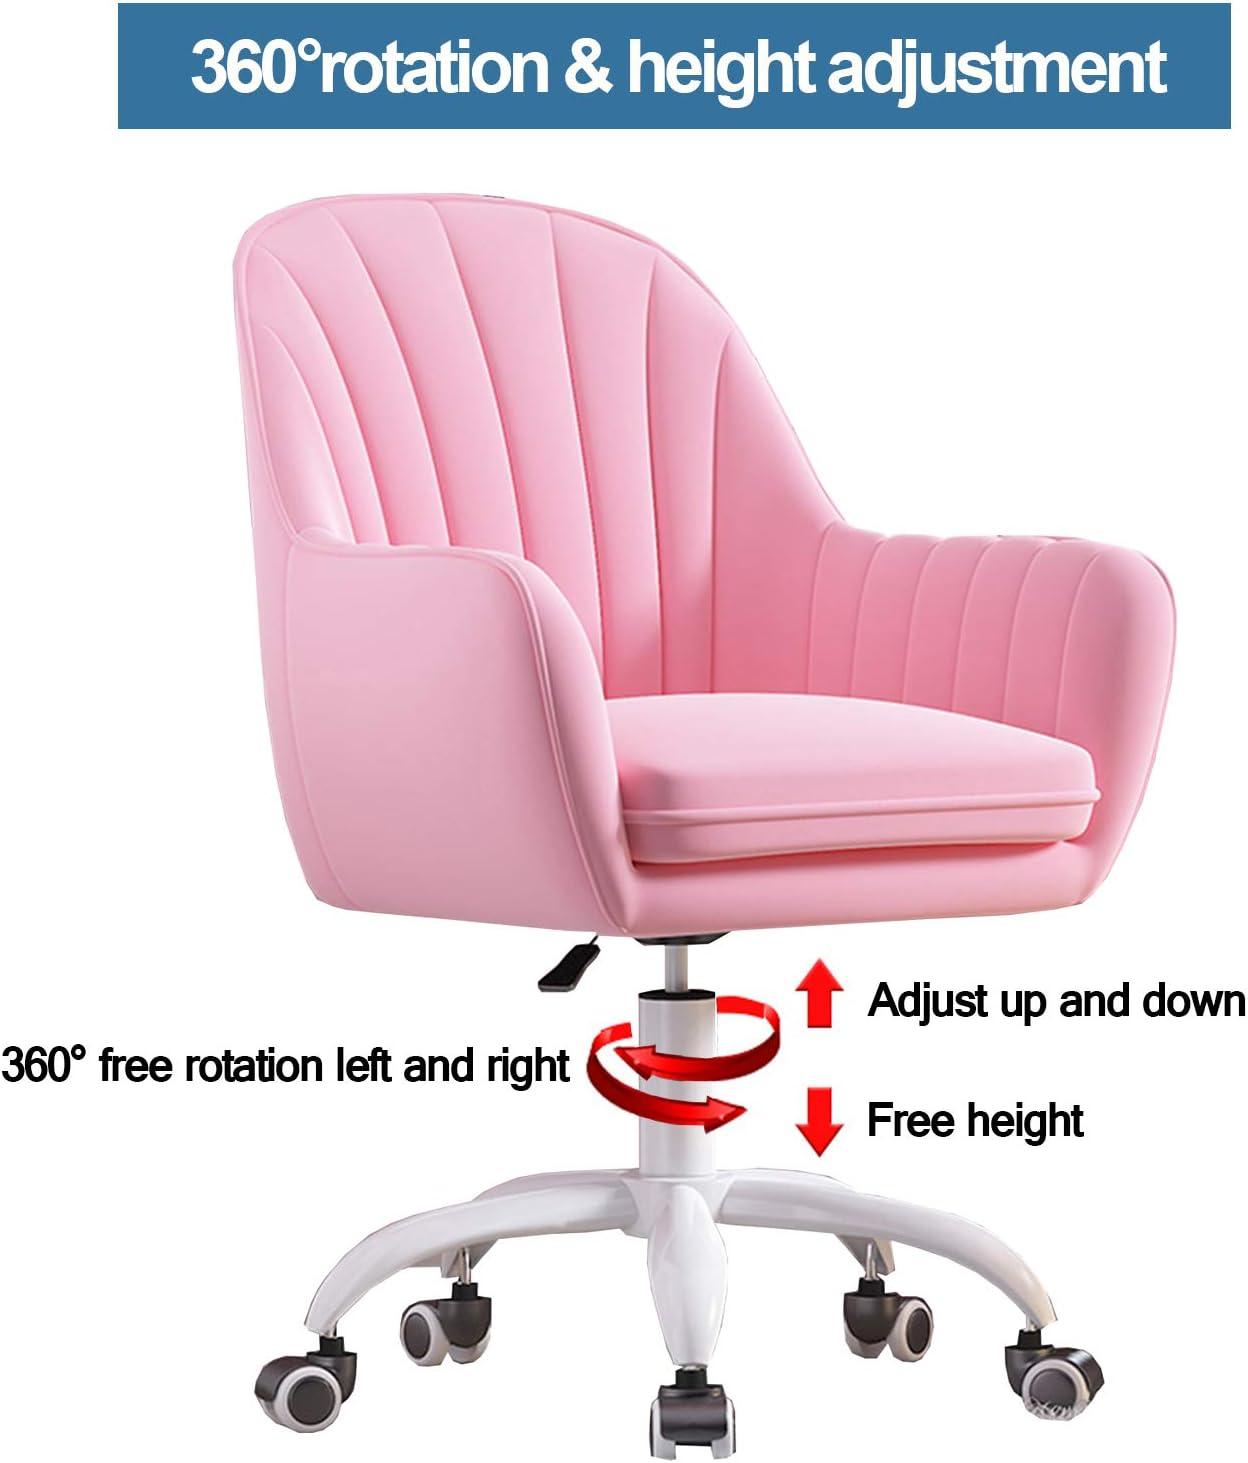 LIYIN Chaise de Bureau à Domicile Chaise de Bureau Ergonomique Chaise d'ordinateur réglable en Hauteur Chaise de Maquillage à Dossier Moyen, Charge maximale 200 kg #8